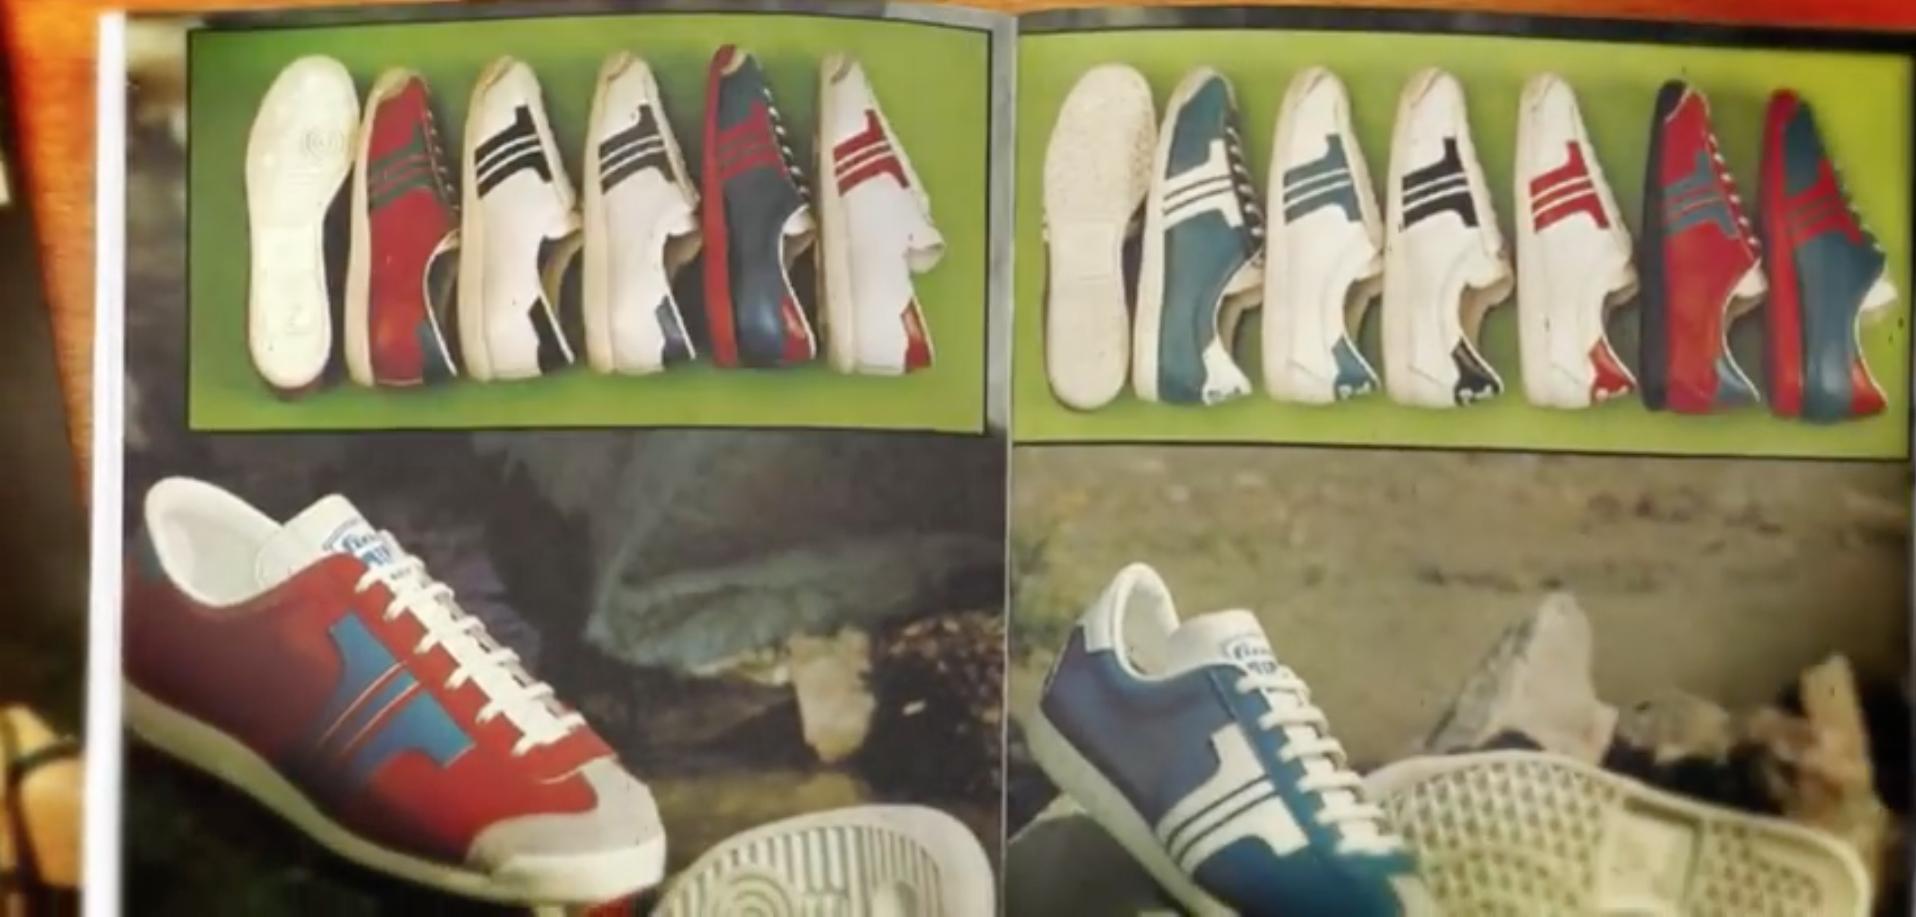 95a73cafd462 Így 1971-ben jött létre az új logó, amivel saját márkás cipőket készítettek  sportoláshoz és utcai viseletre egyaránt. Mivel a korábban az ADIDAS  márkának is ...